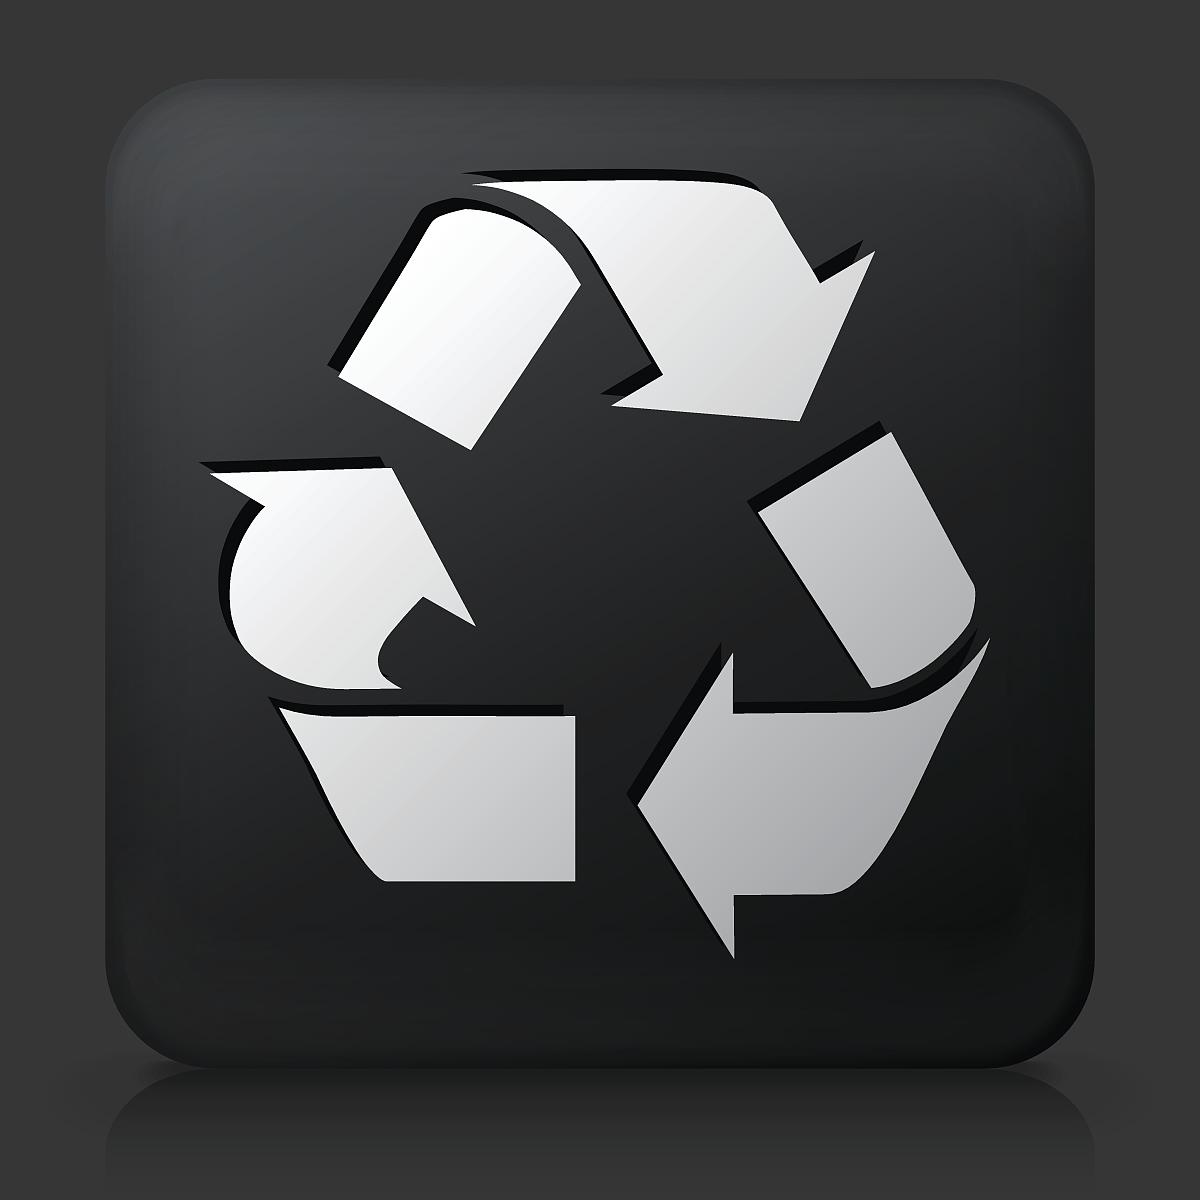 带有�z!�9�9il��'�i-9`�_带有回收标志的黑色方形按钮